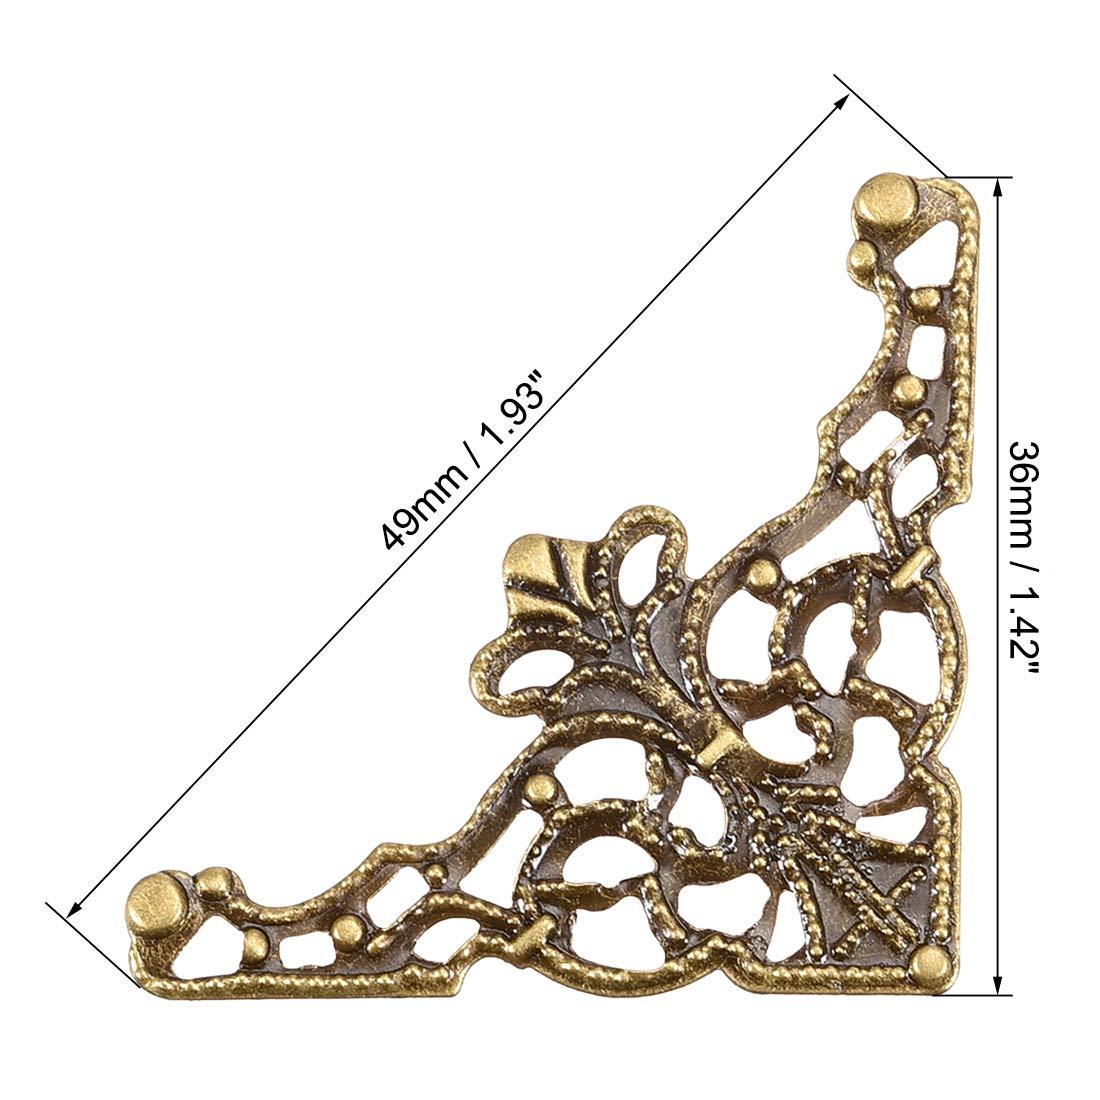 sourcing map Metal Caja Esquina Protectores Vintage Decoraci/ón Borde Guardia Protector Tono de Bronce 36 x 36 x 49 mm-10 Piezas